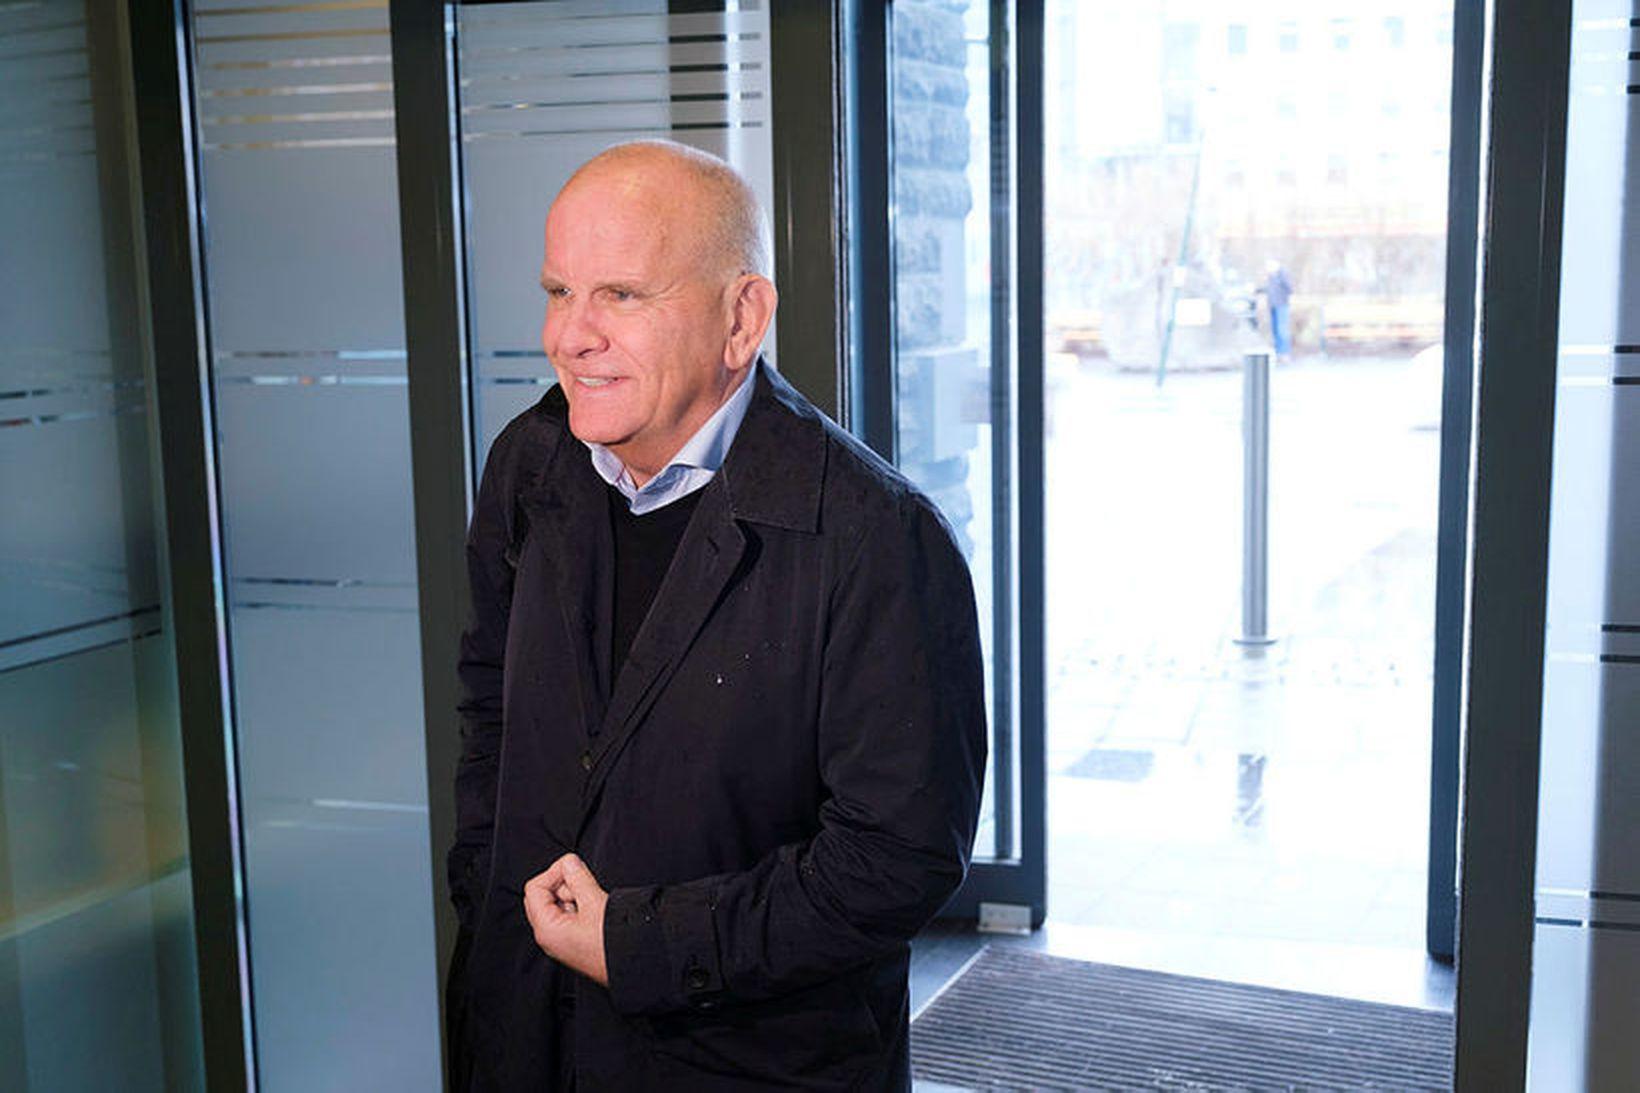 Páll Magnússon, þingmaður Sjálfstæðisflokksins.